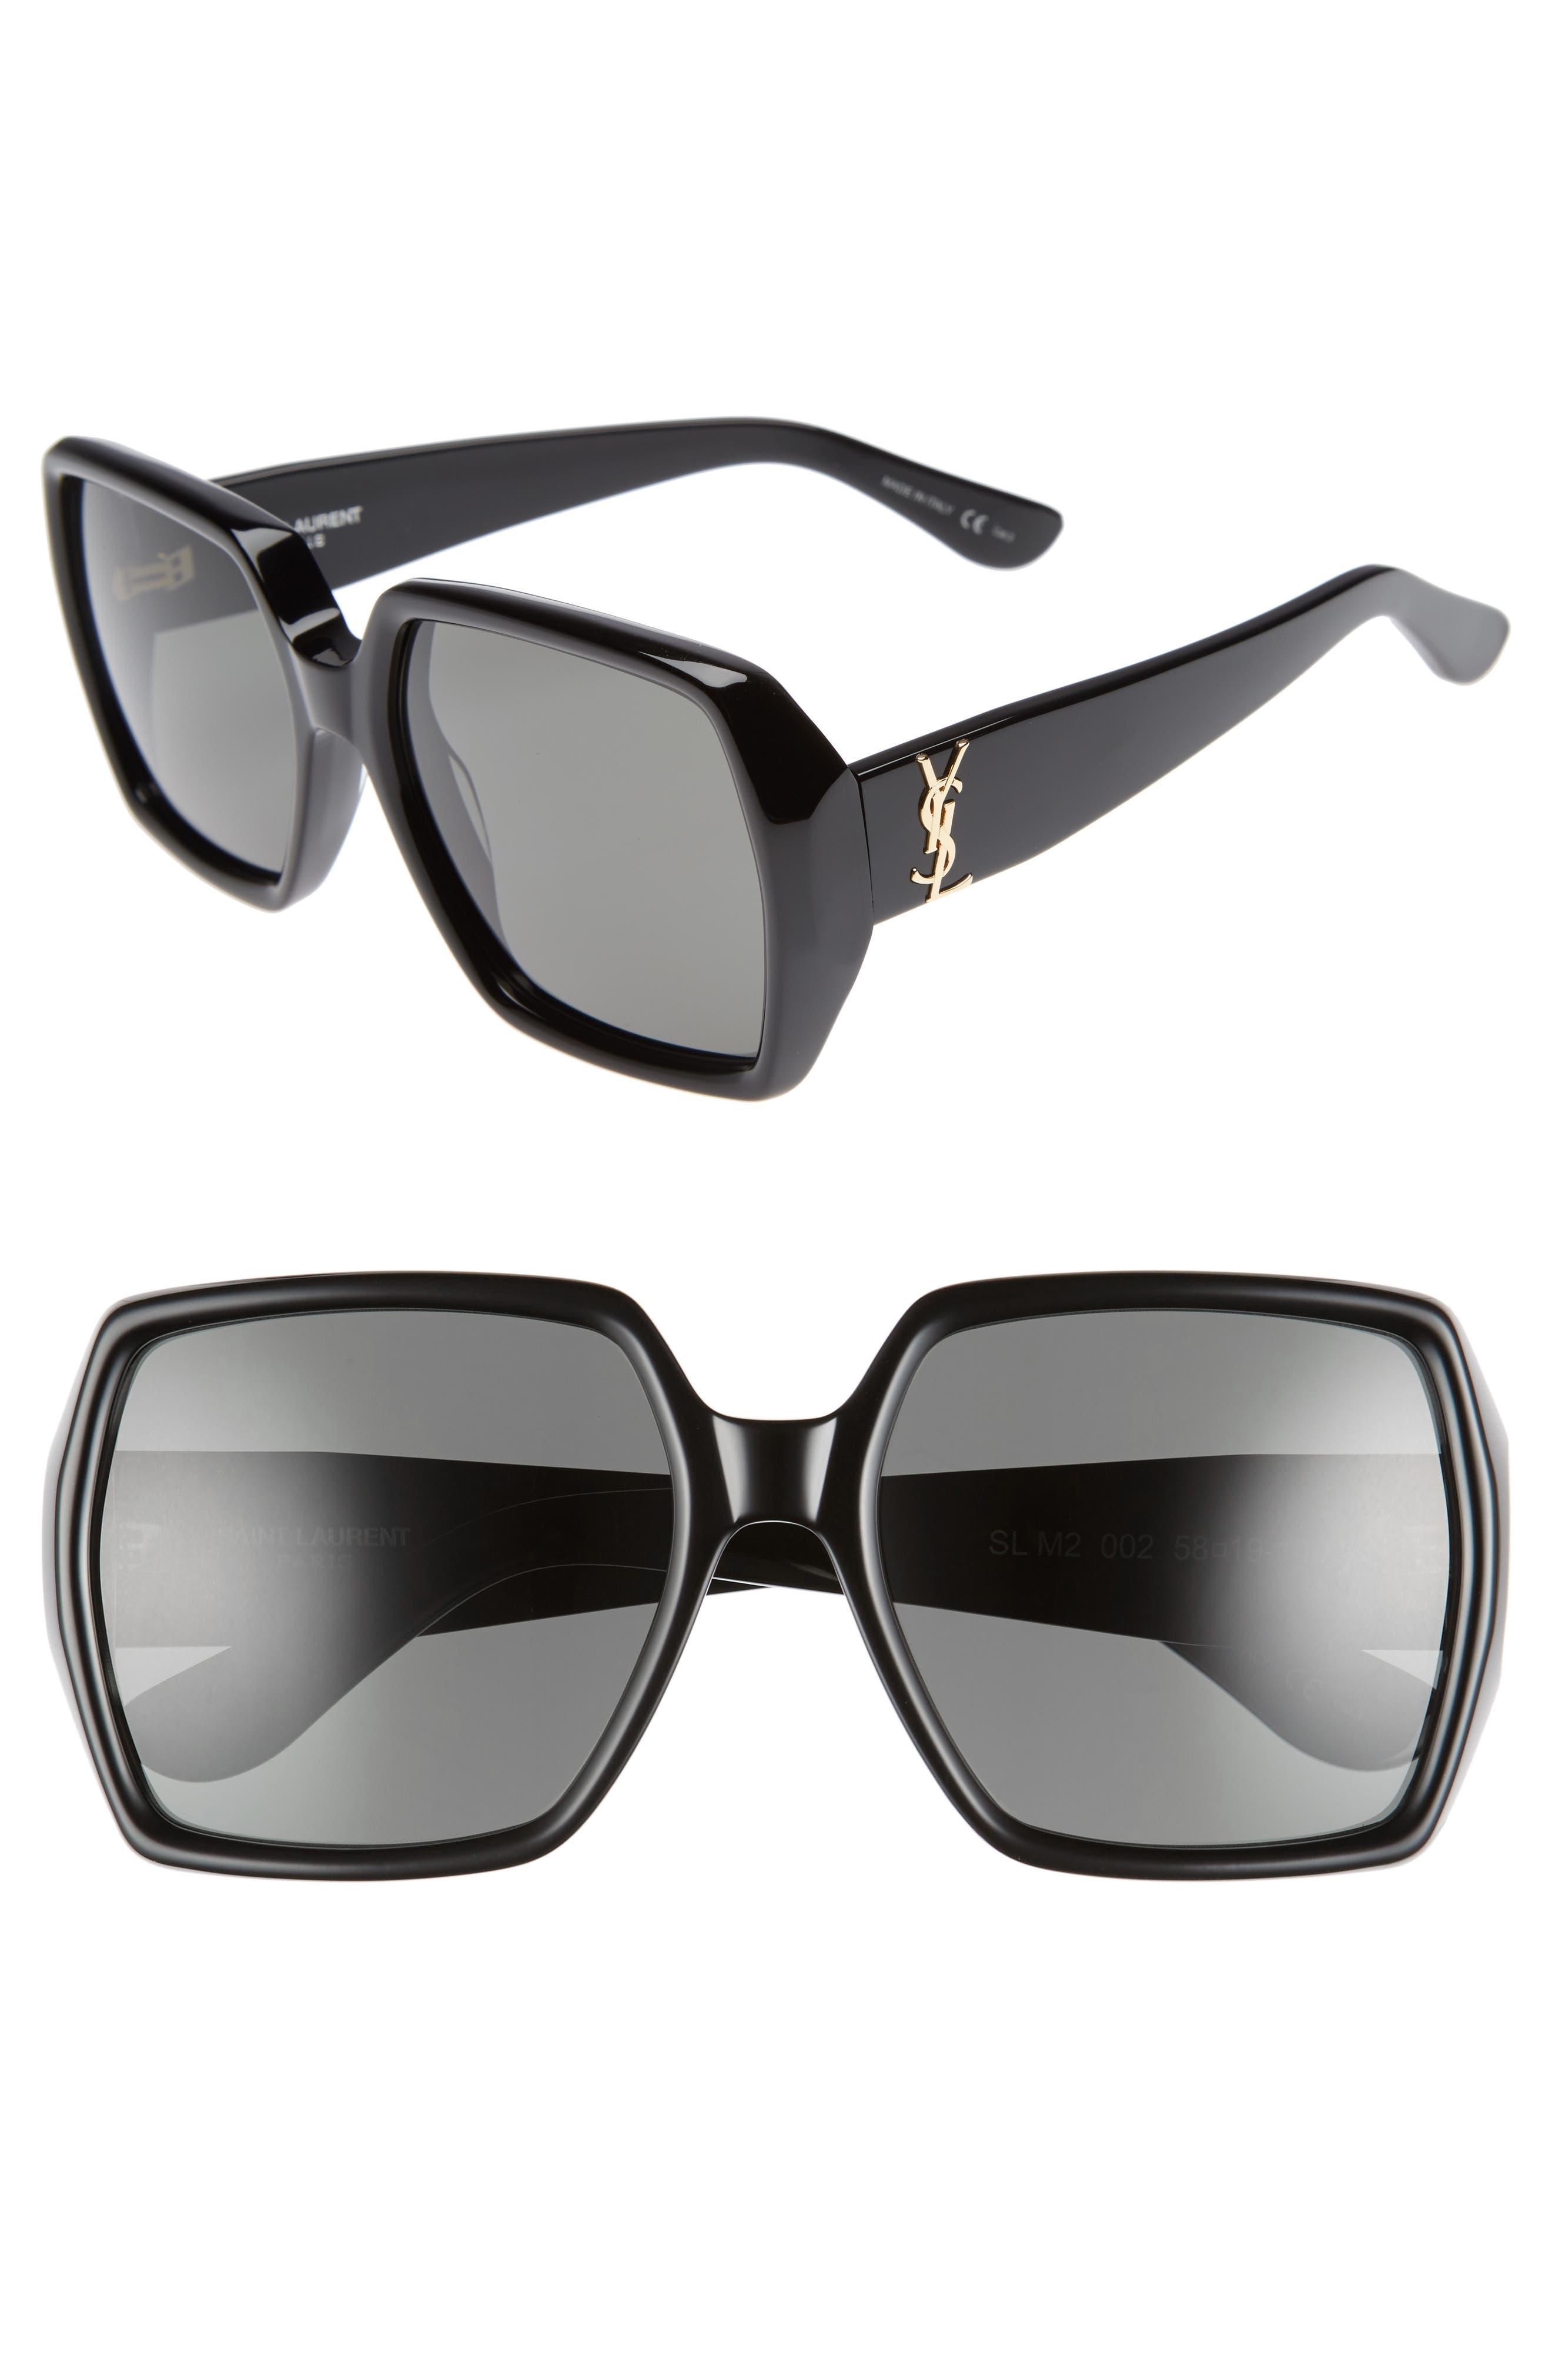 SAINT LAURENT 58mm Square Sunglasses, Main, color, 001